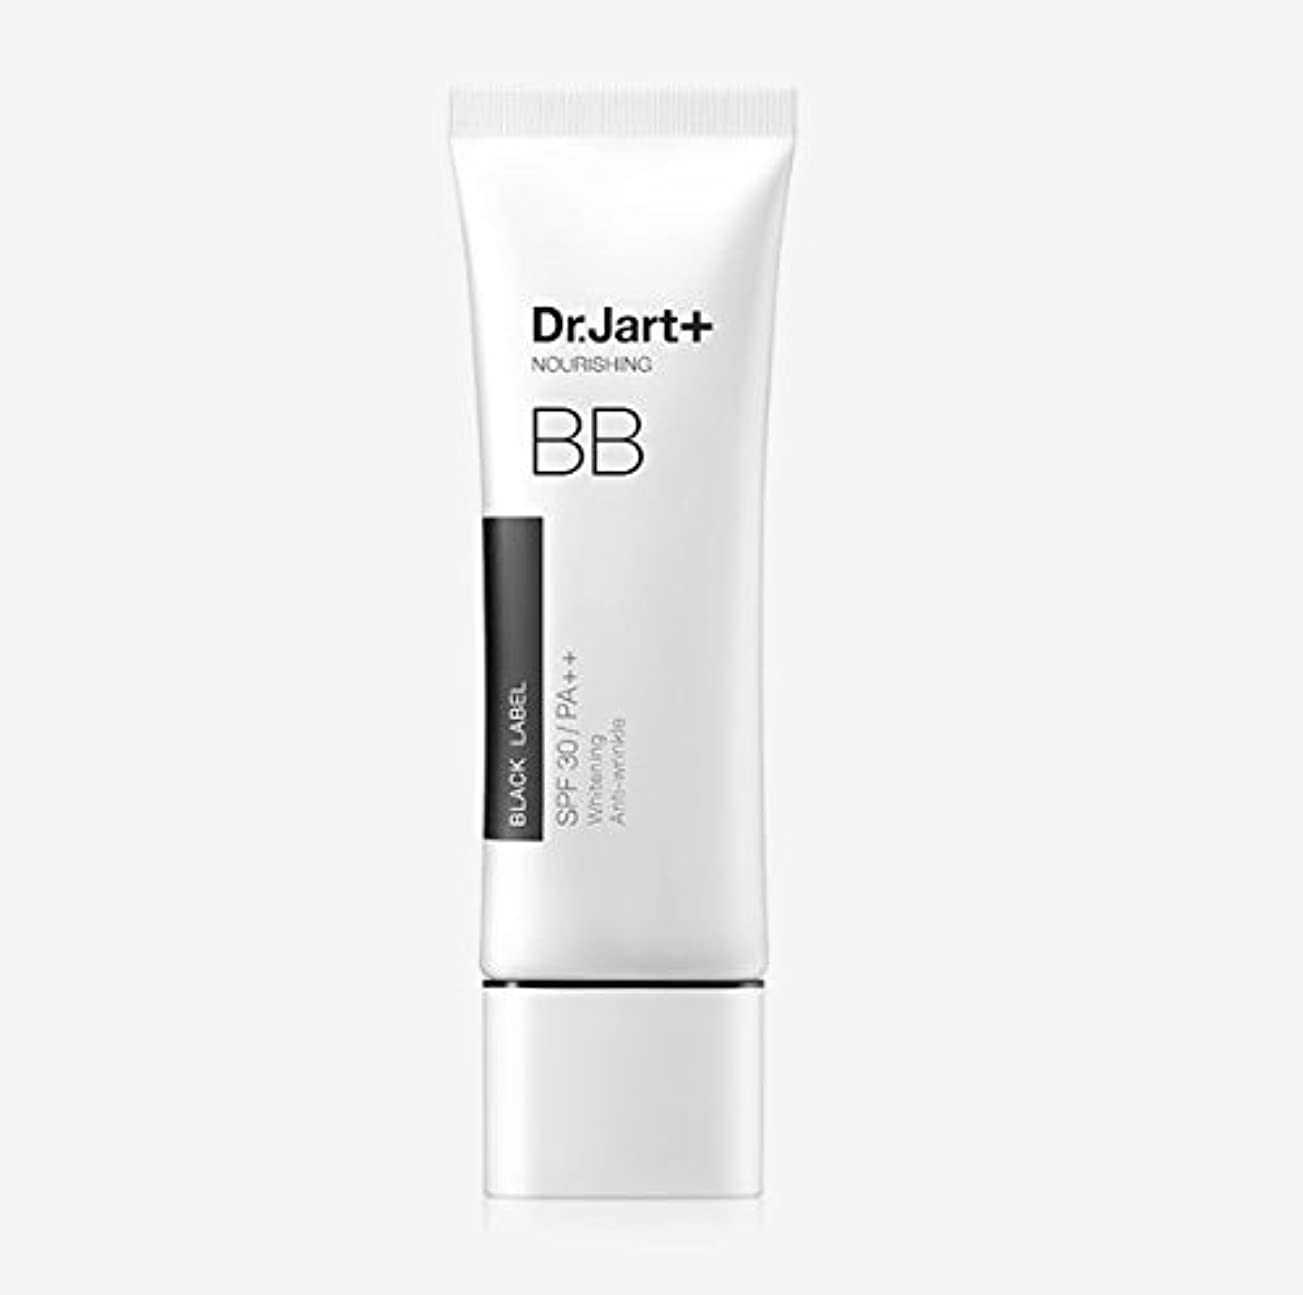 最初は性別本[Dr. Jart] Black Label BB Nourishing Beauty Balm 50ml SPF30 PA++/[ドクタージャルト] ブラックラベル BB ナリーシン ビューティー バーム 50ml SPF30...